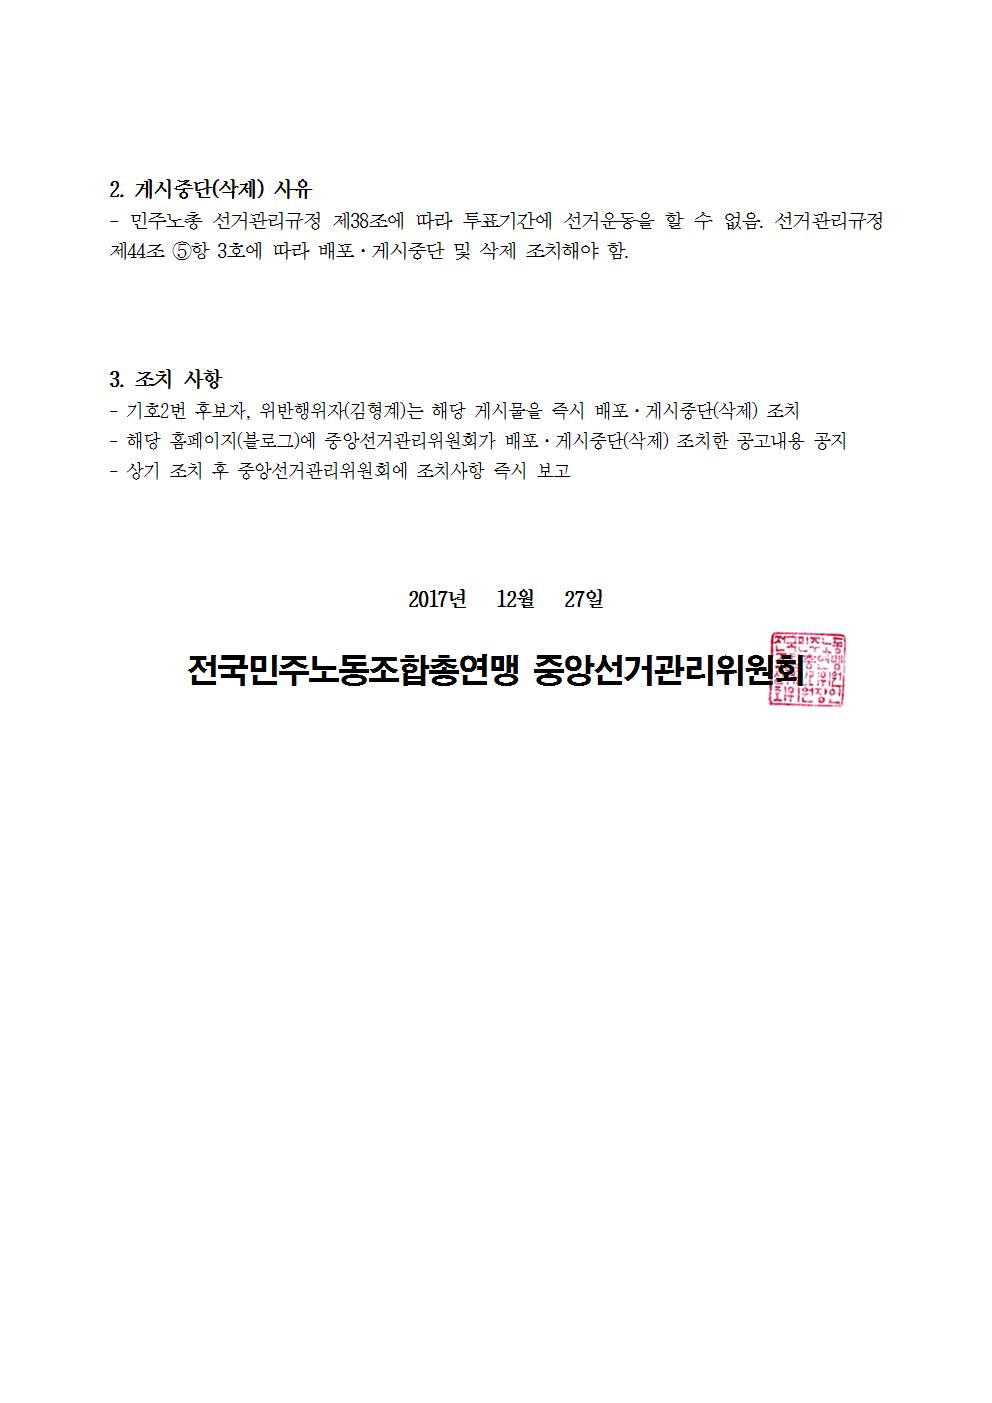 기호2번 후보자 블로그 및 온라인 채팅방 게시물 배포·게시중단(삭제) 명령 공고002.png